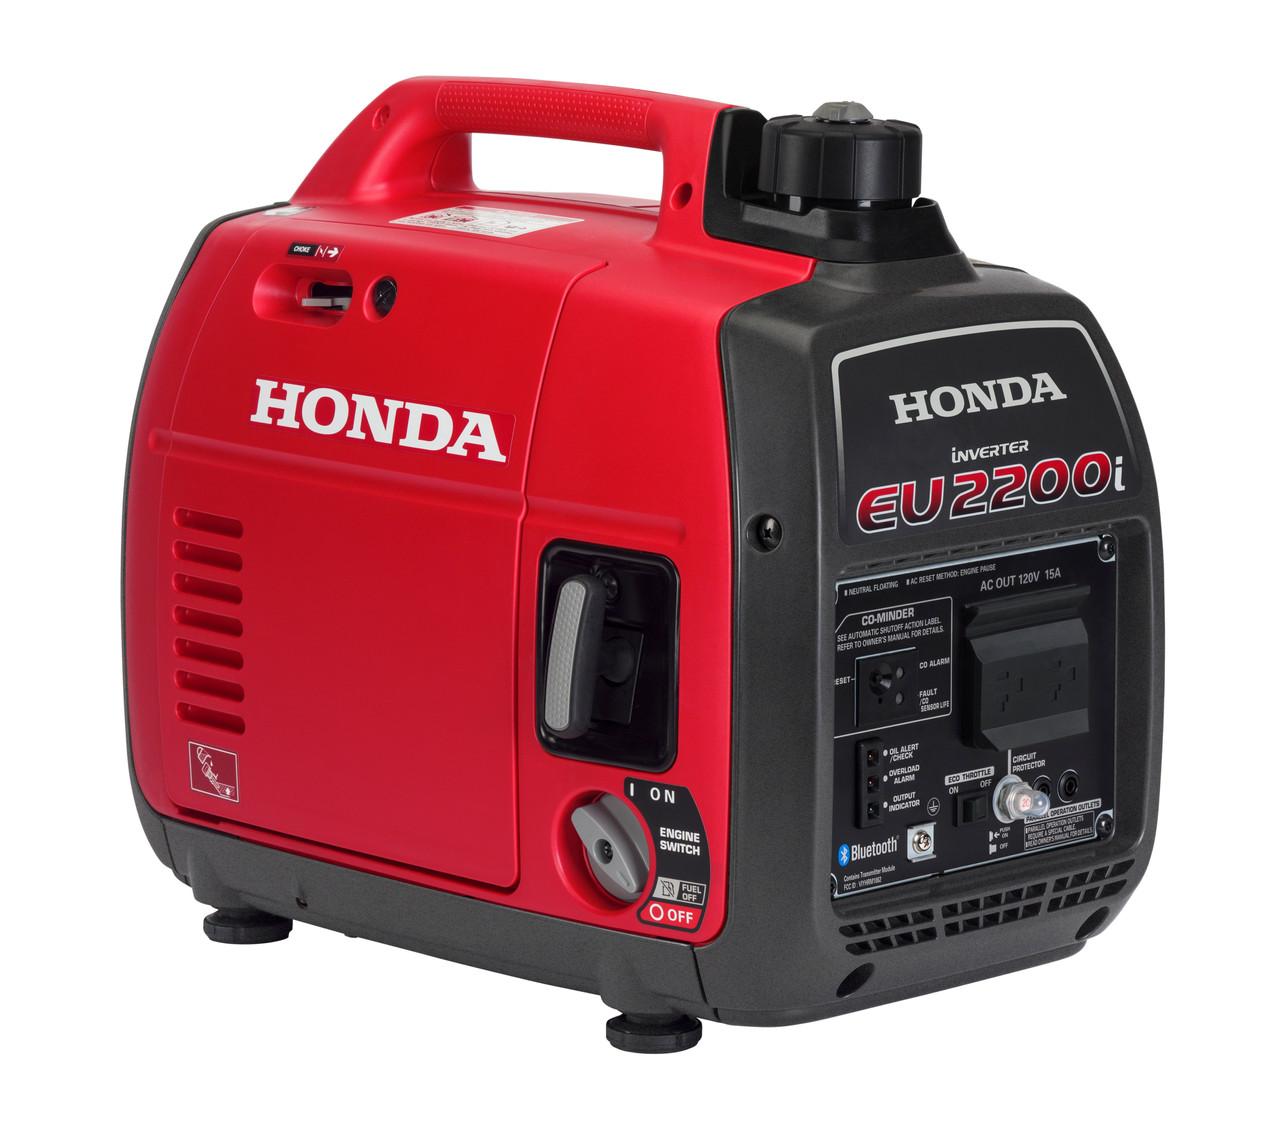 Honda EU2200i Generator with CO-Minder & Bluetooth